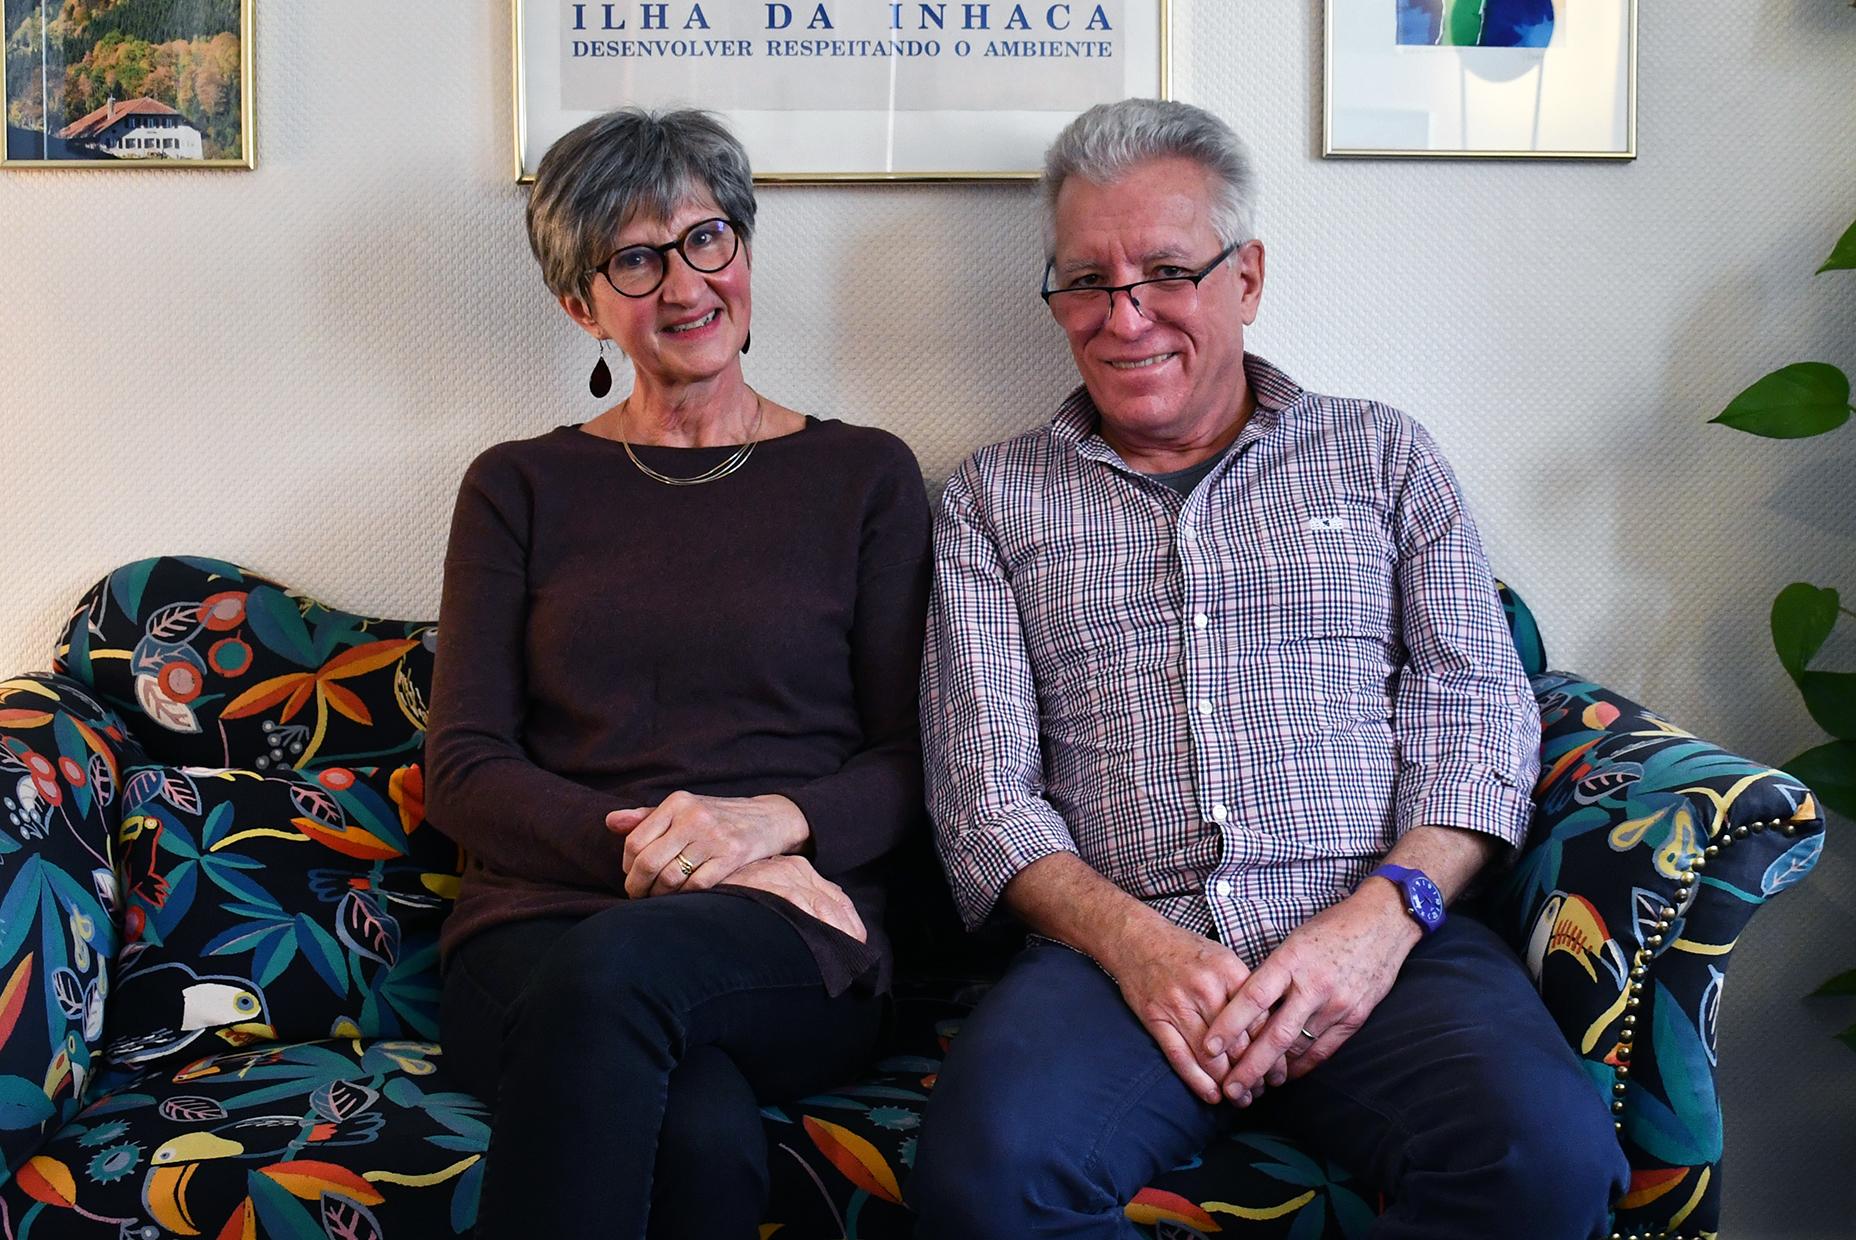 Départ du médecin : Claude et Claire Morier Genoud vont profiter d'une retraite méritée